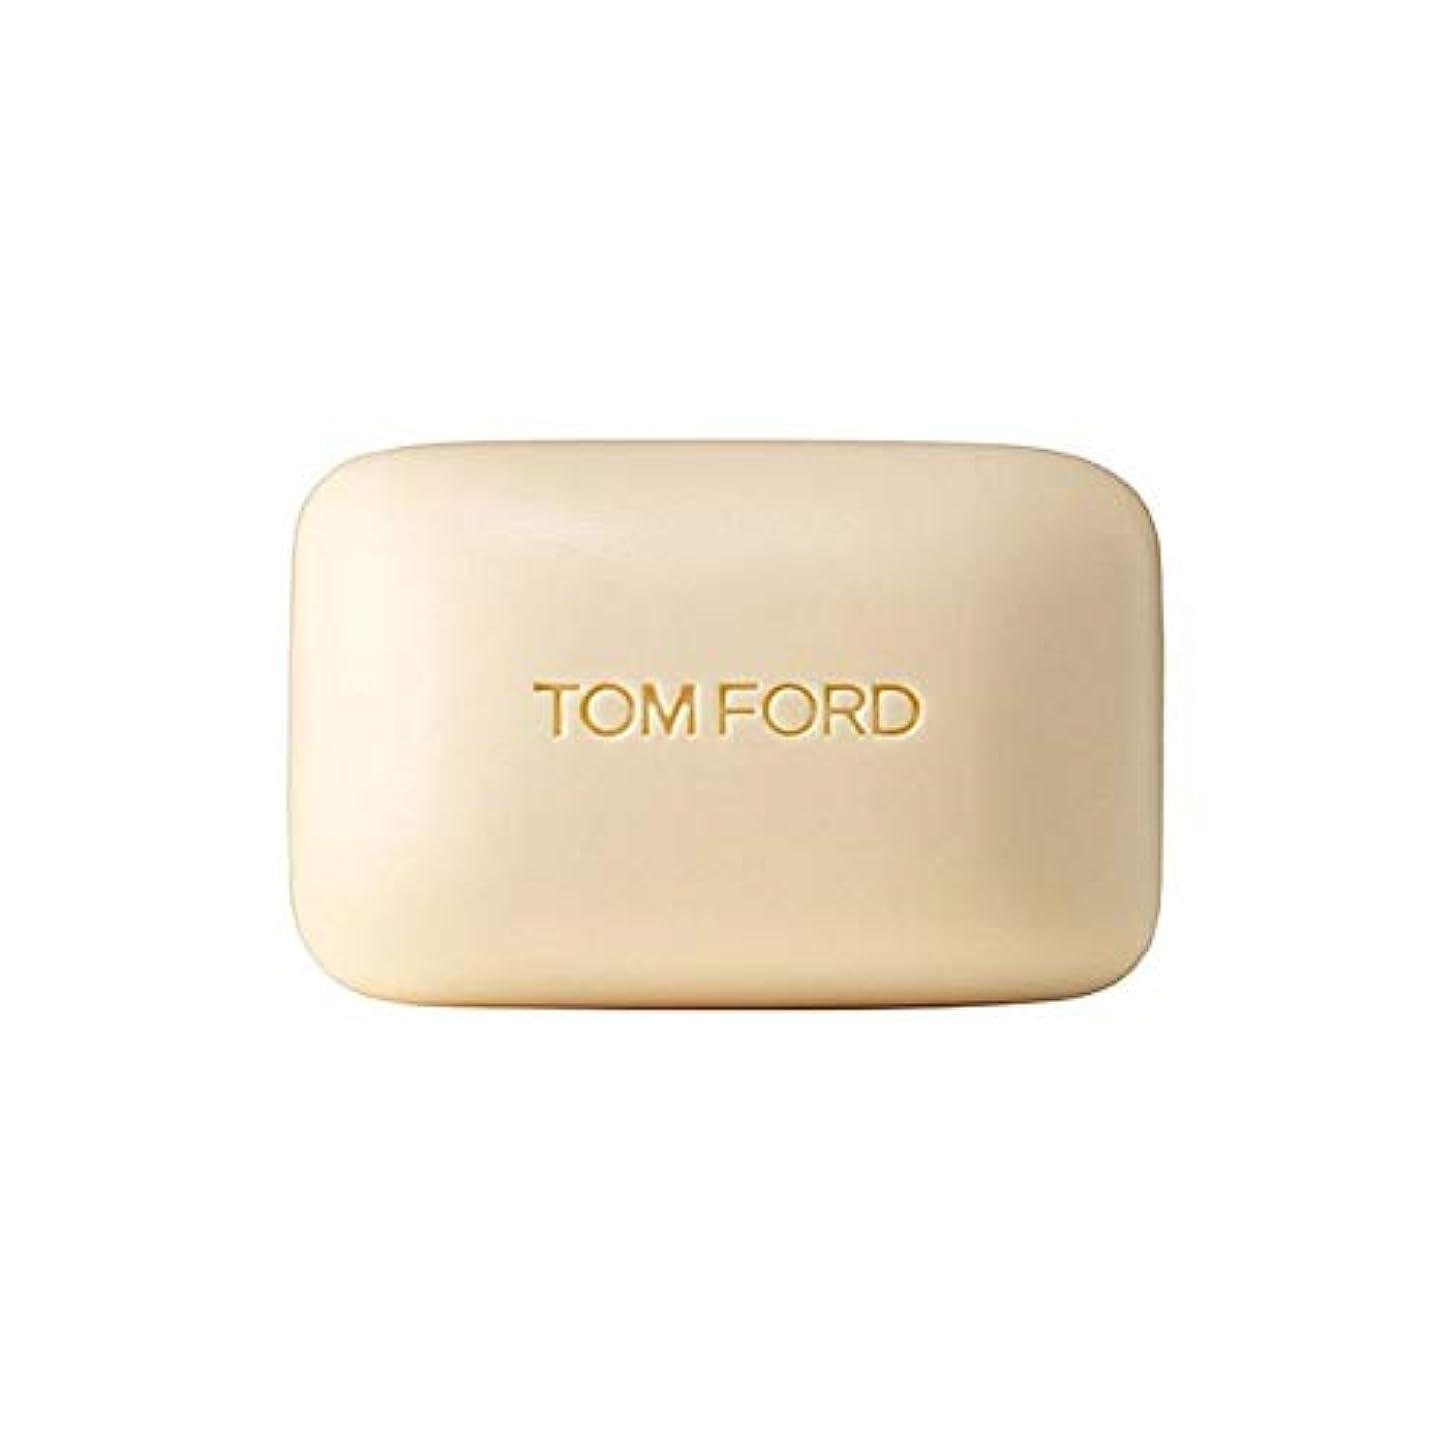 アクセサリー人道的擬人[Tom Ford] トムフォードジャスミンルージュソープバー150グラム - Tom Ford Jasmin Rouge Soap Bar 150G [並行輸入品]